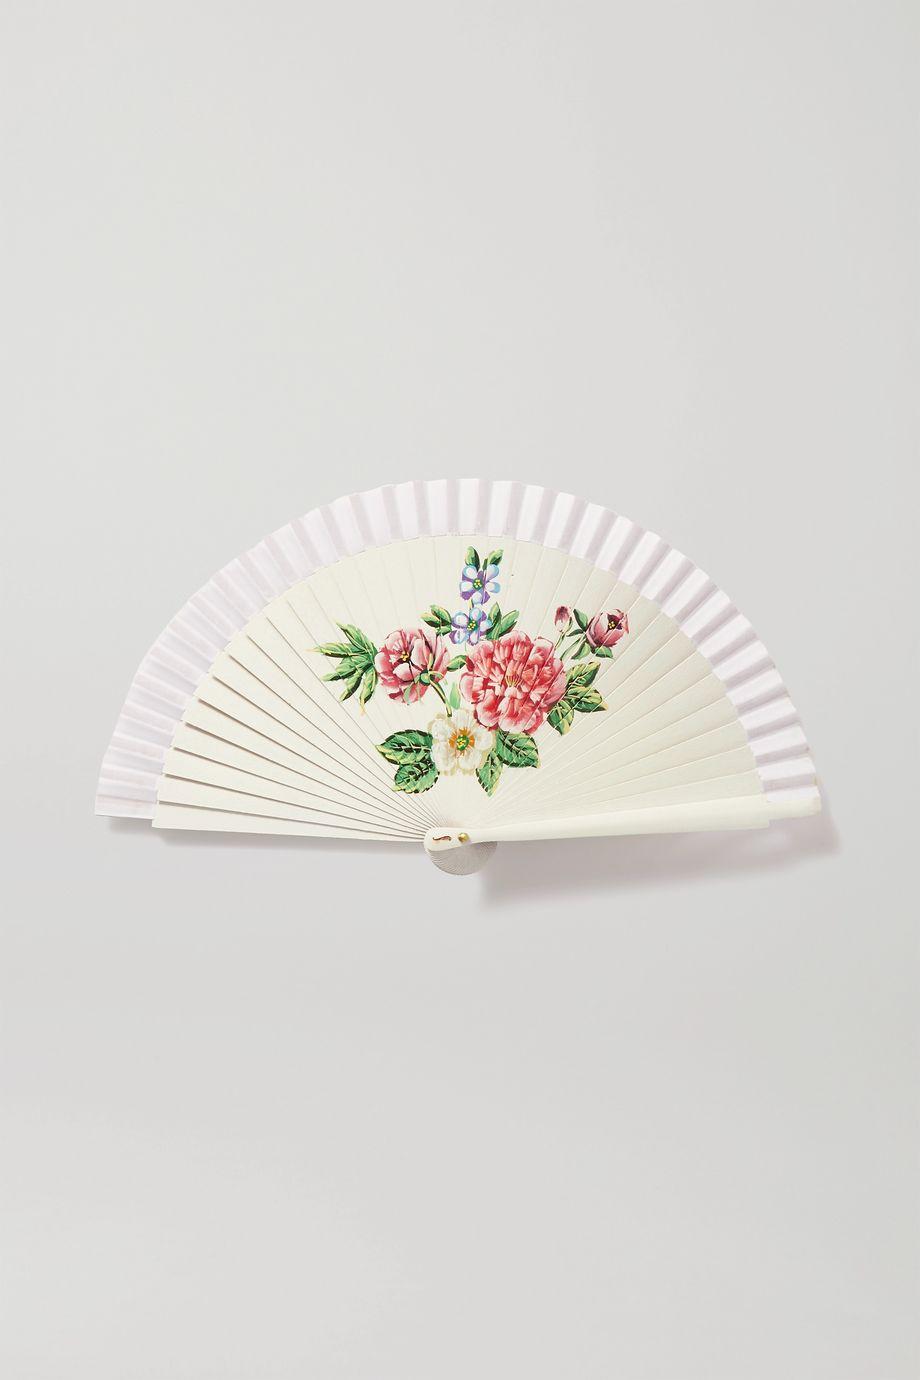 Fern Fans 绘色桦木棉质巴里纱折扇